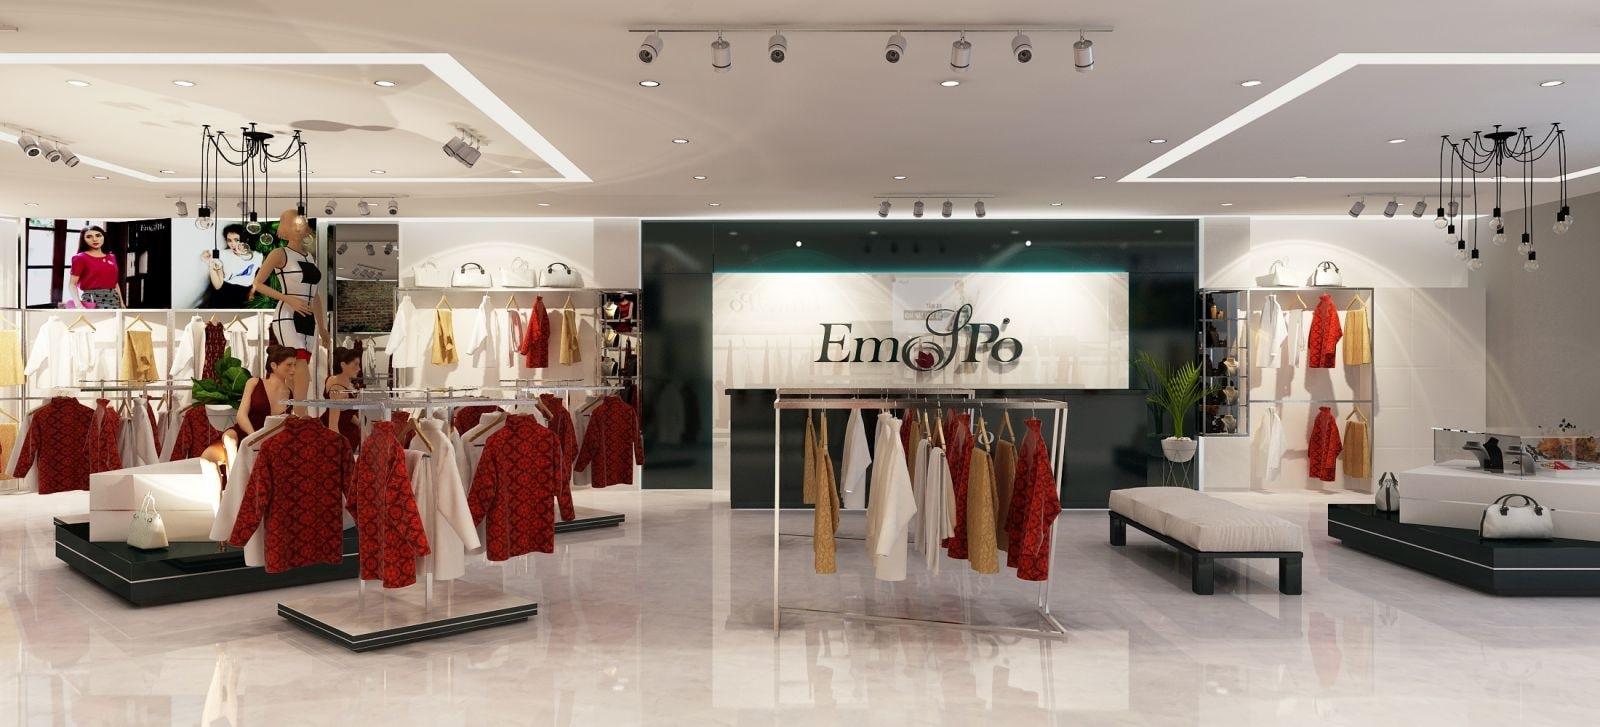 Thiết kế nội thất showroom đơn giản